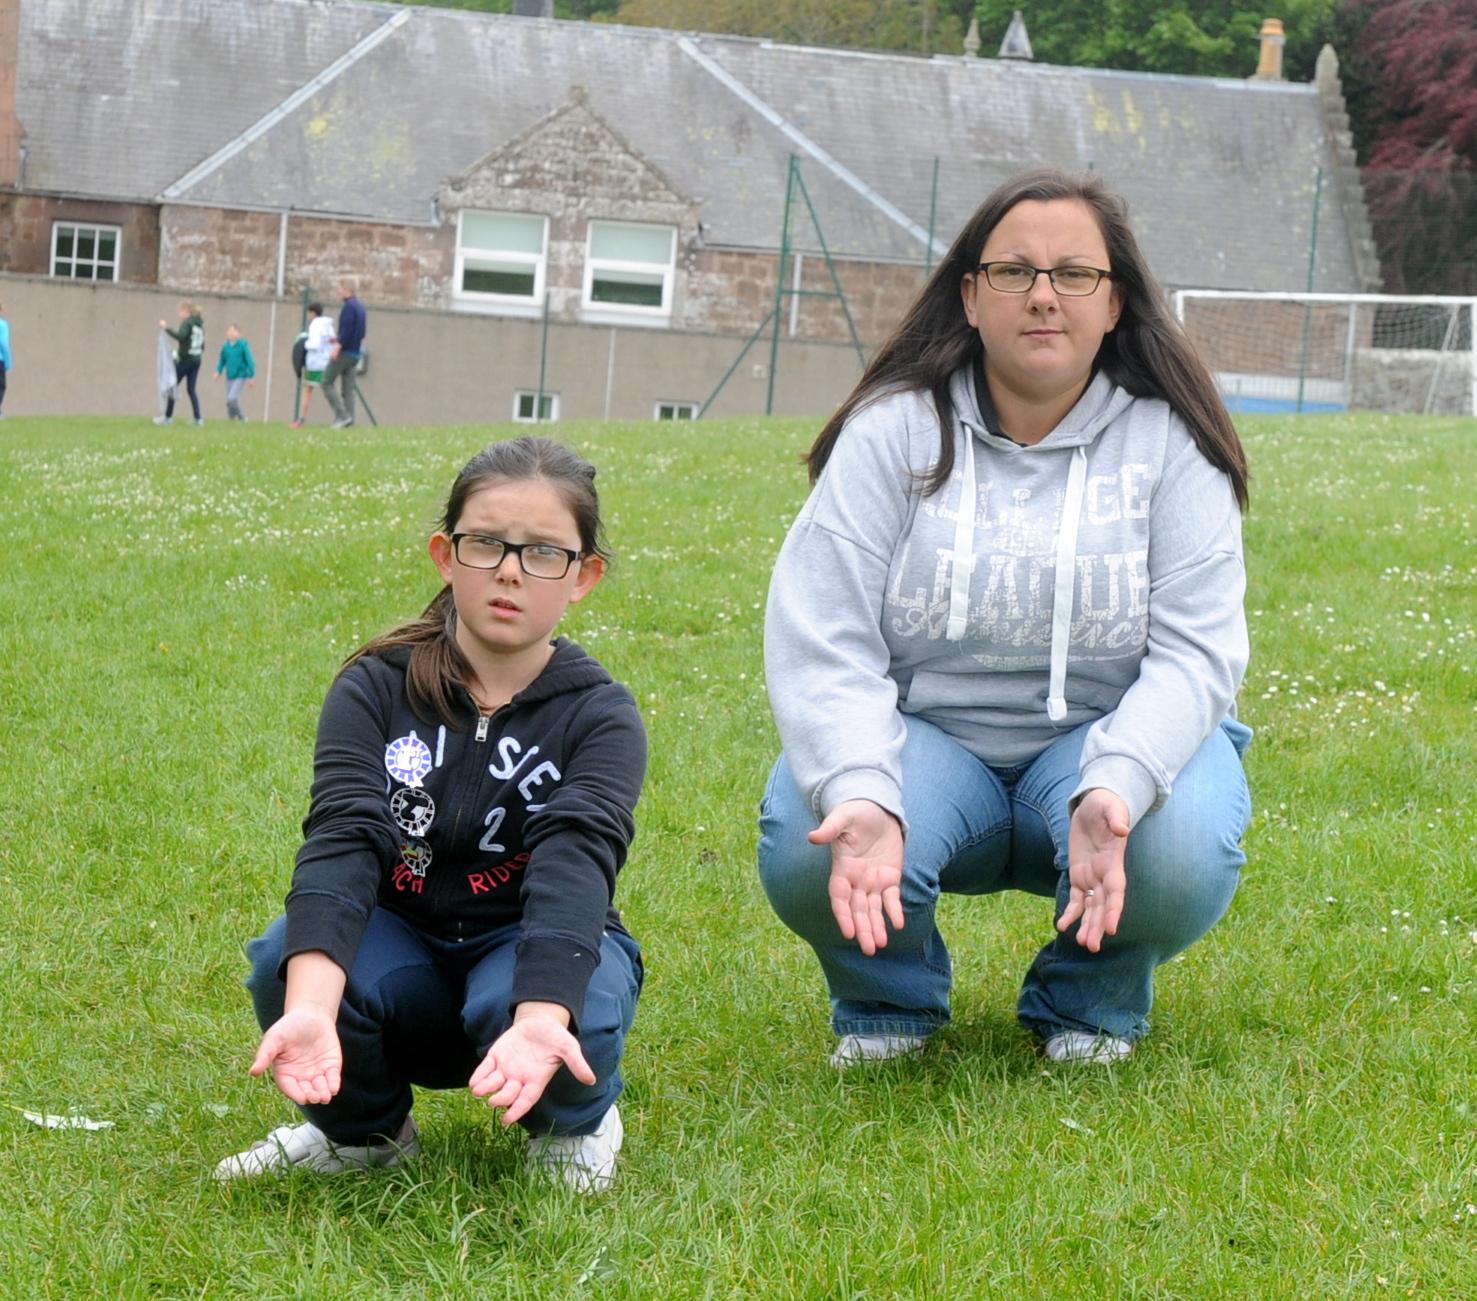 Jodi Crabb, 9, and her mum Vicky.